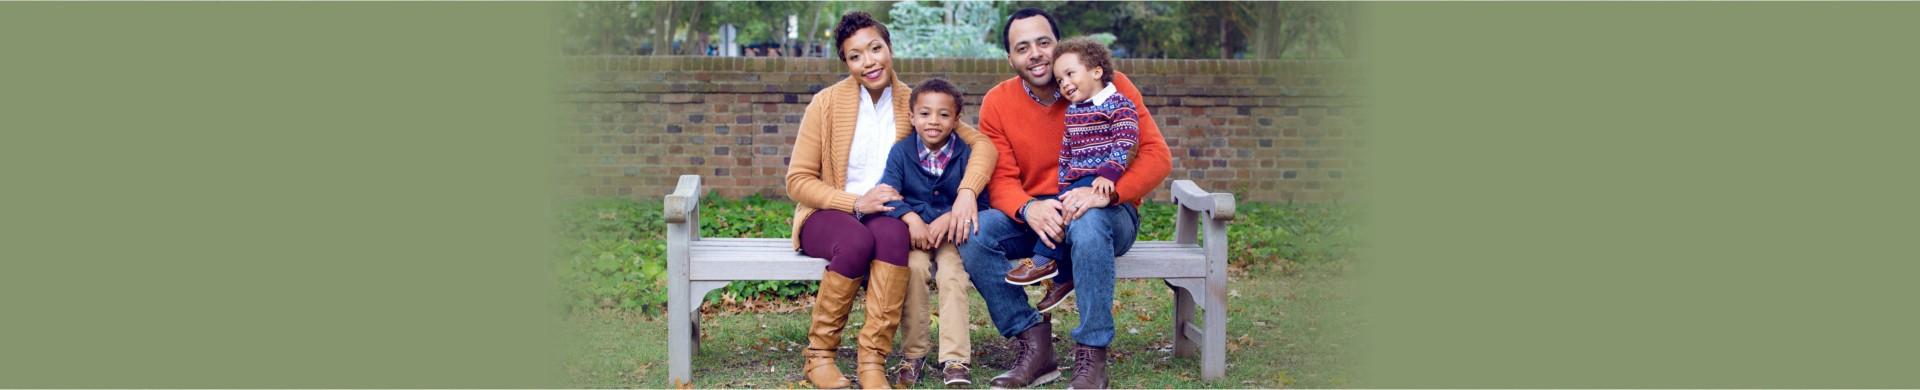 Henry's Family